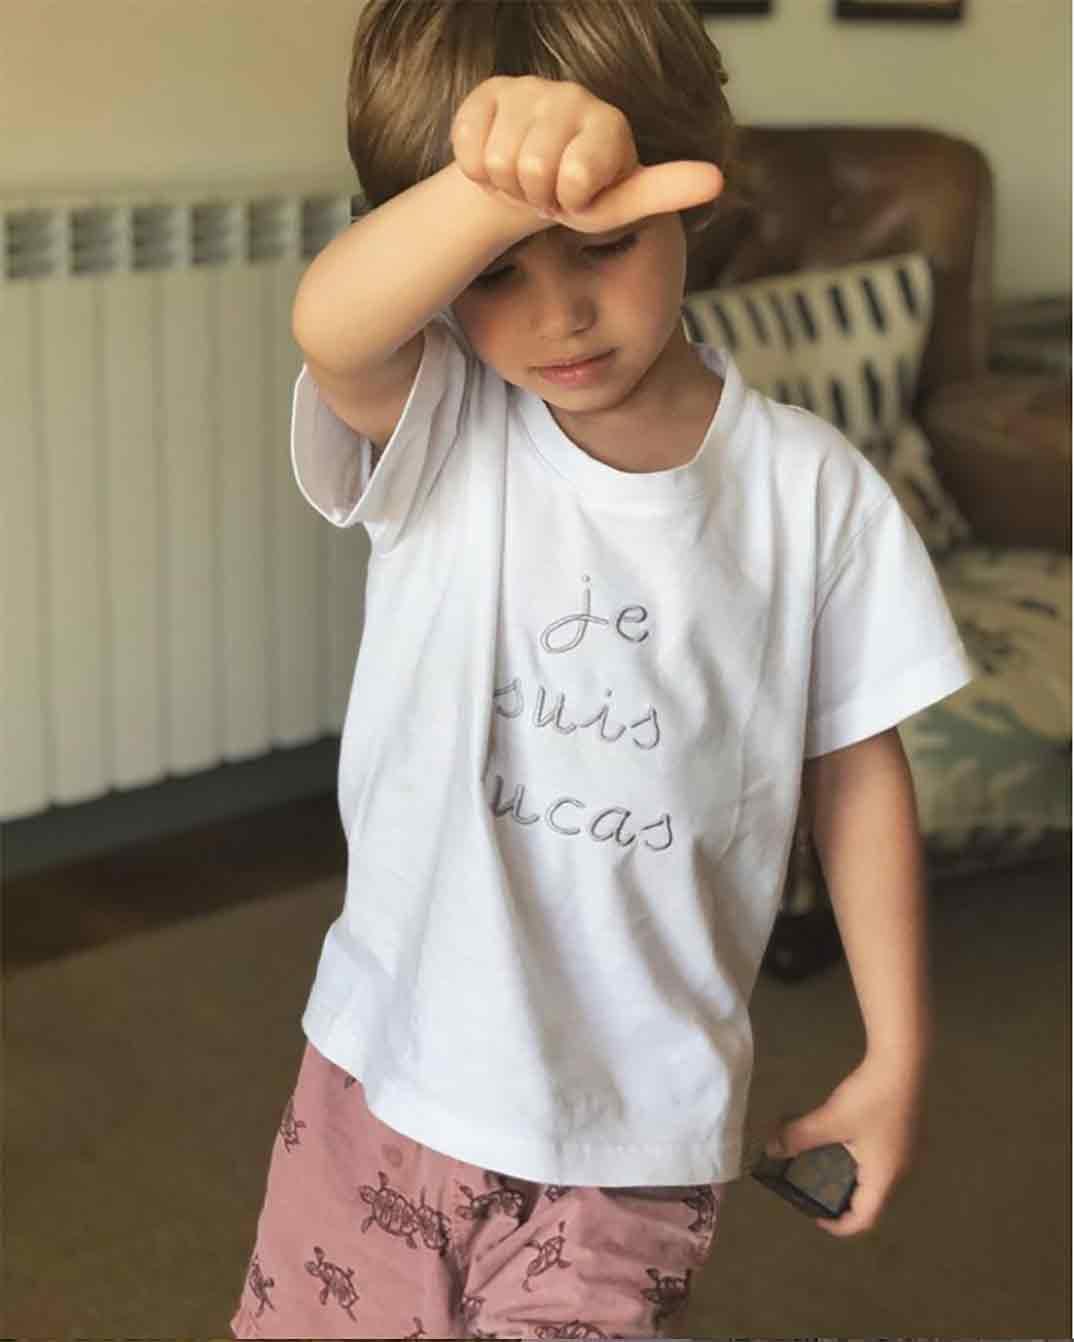 Lucas, hijo Iker Casillas y Sara Carbonero © Instagram